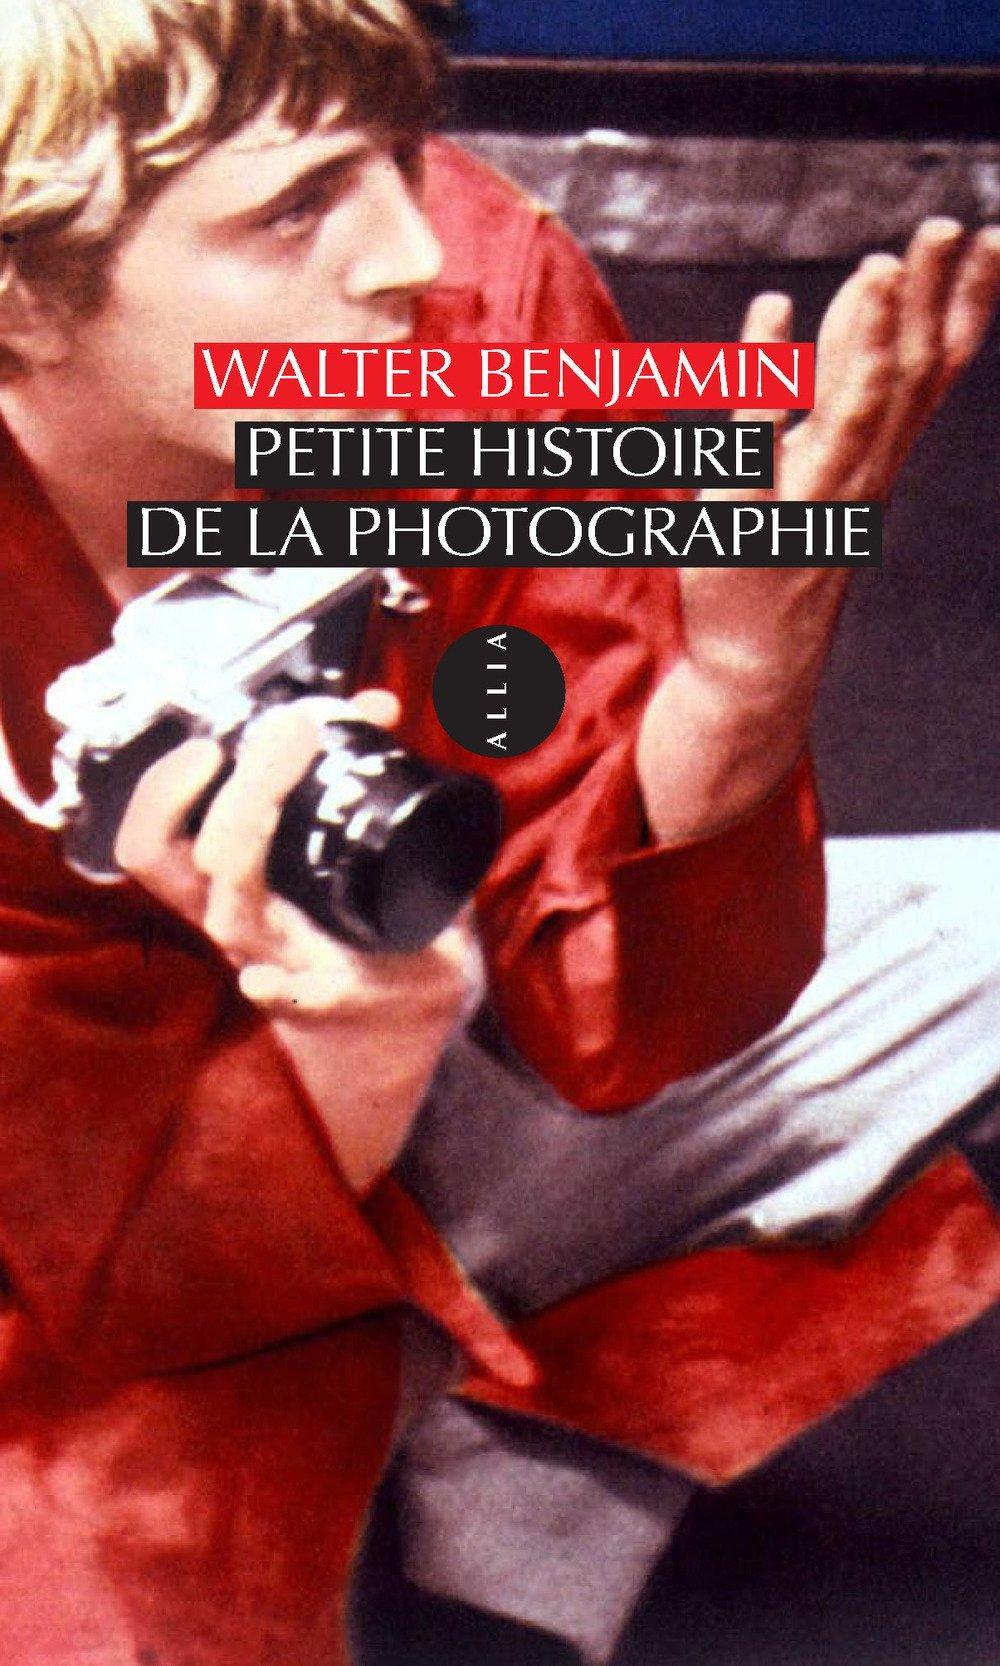 Petite histoire de la photographie Broché – 8 mars 2012 Walter Benjamin Lionel Duvoy Allia 2844854443